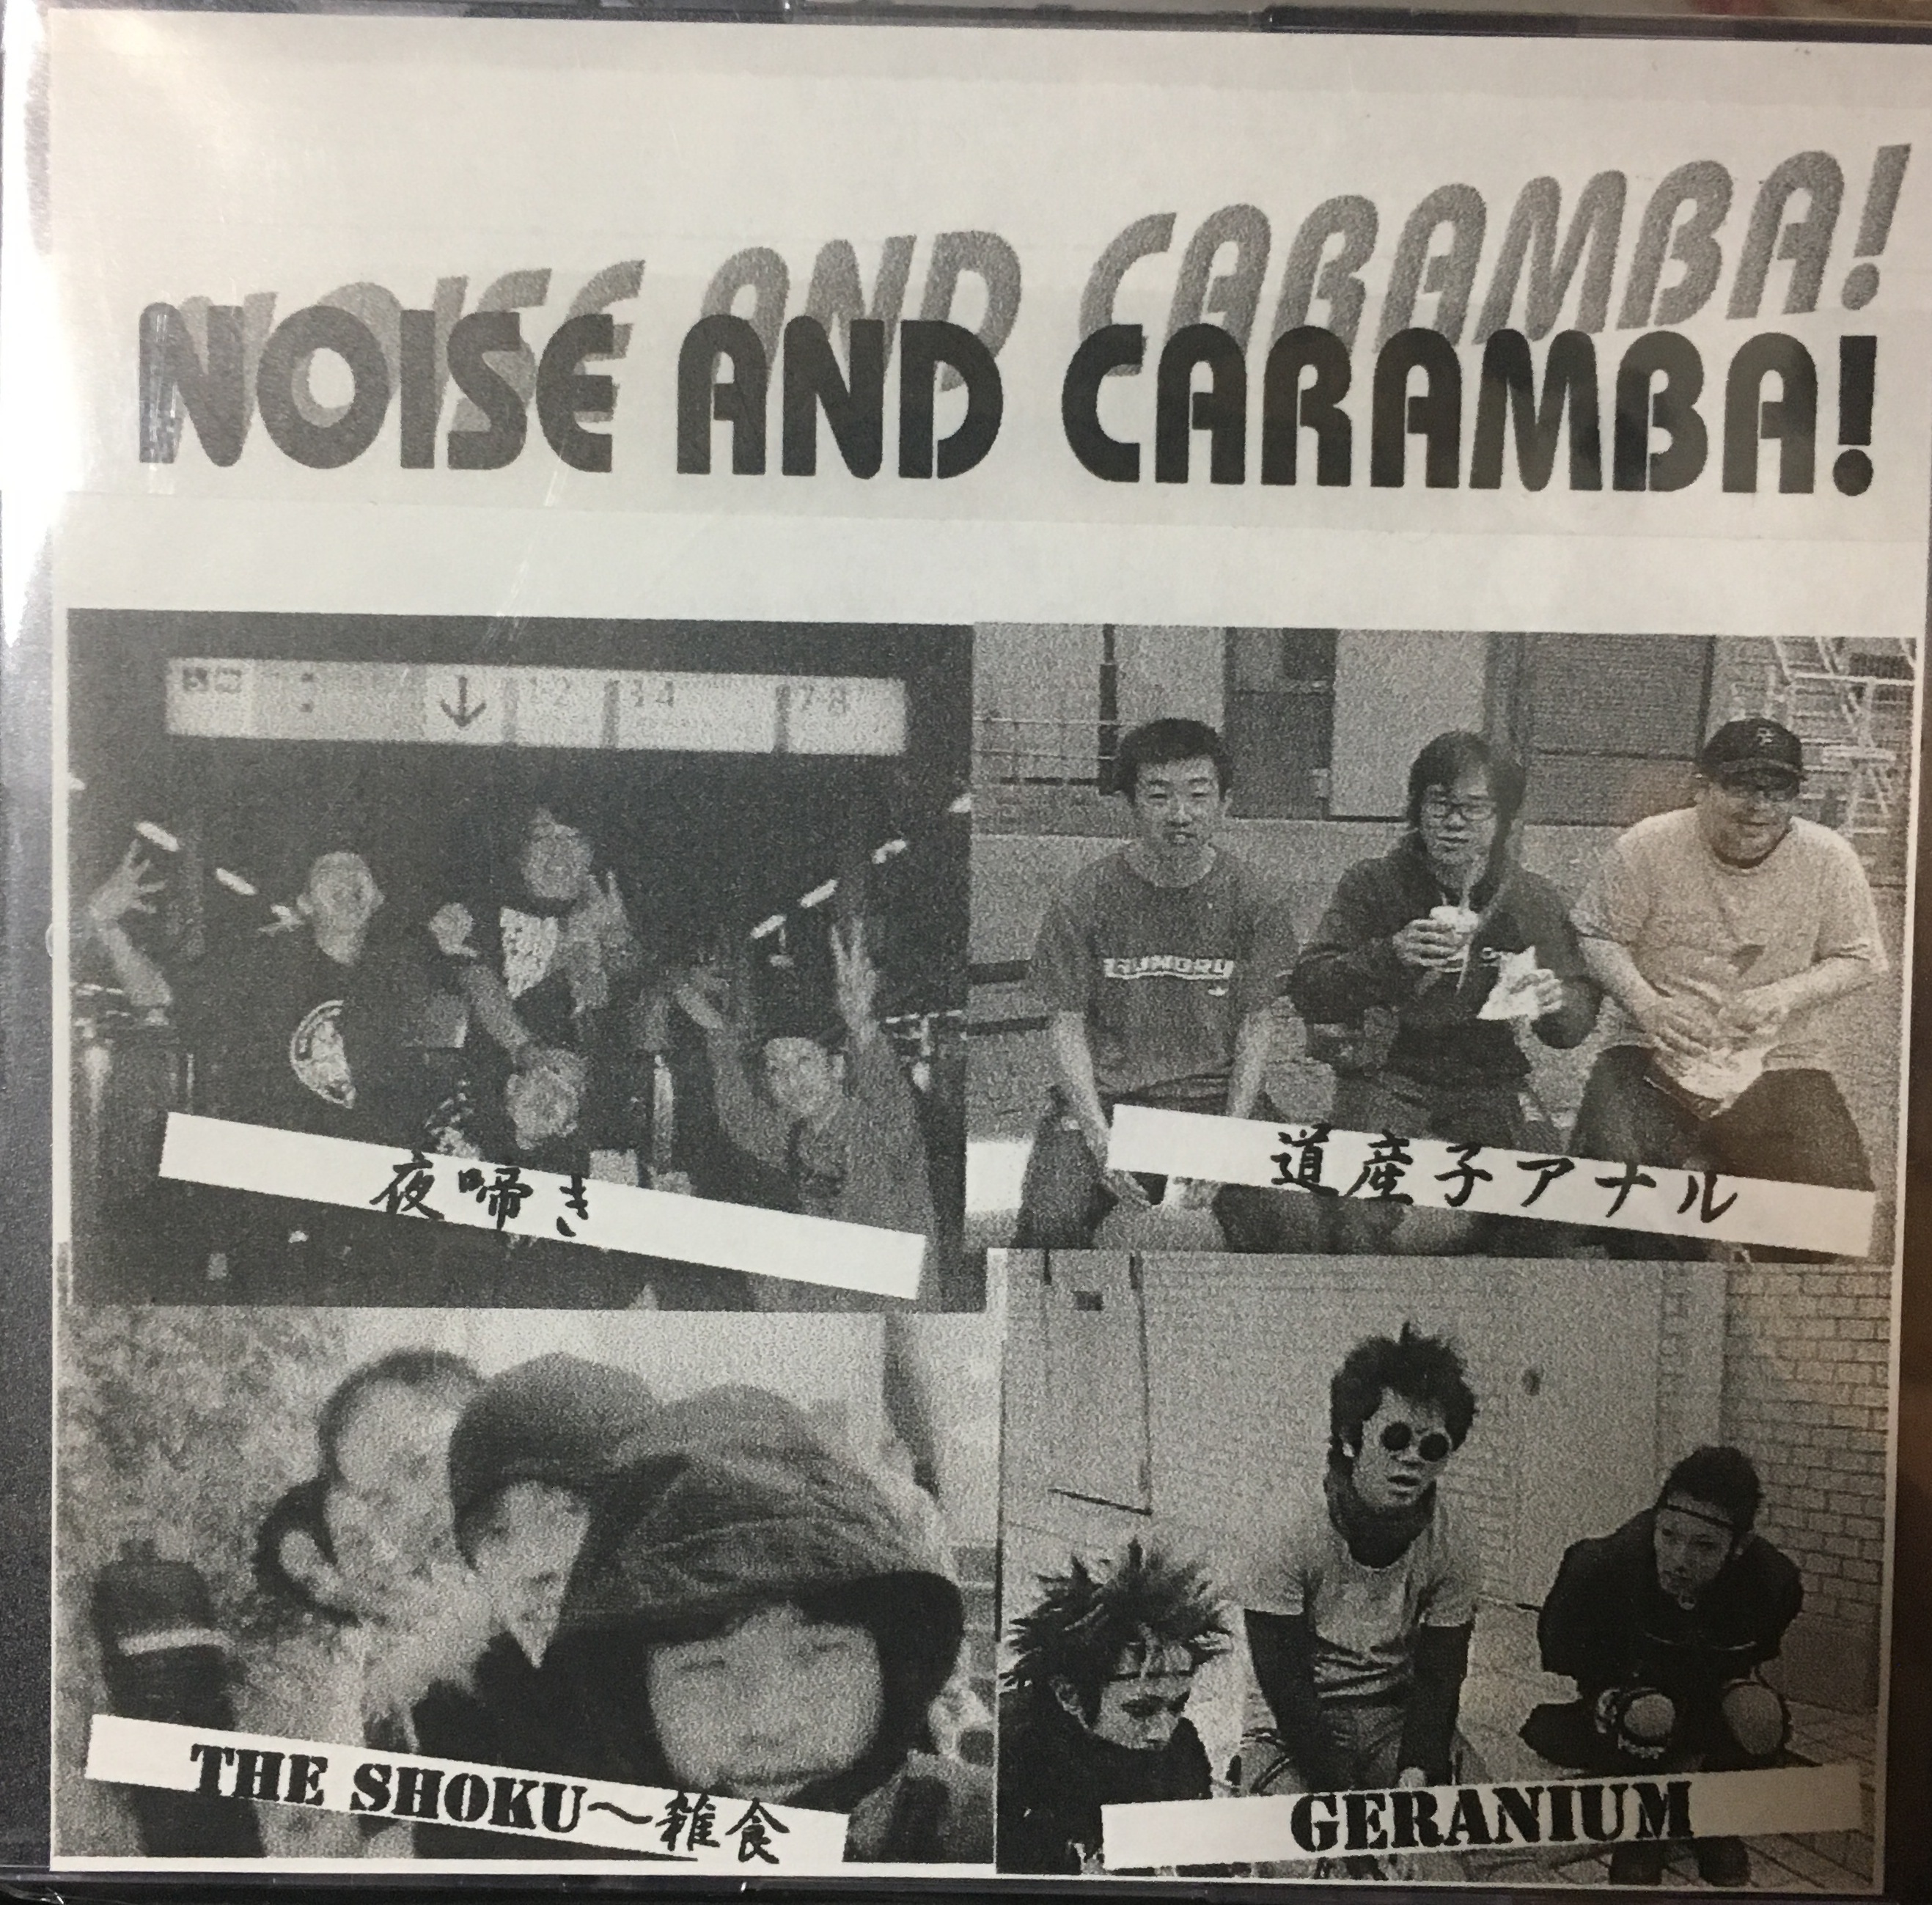 夜啼き/道産子アナル/THE SHOKU~雑食~/GERANIUM - NOISE AND CARAMBA!(CDR)